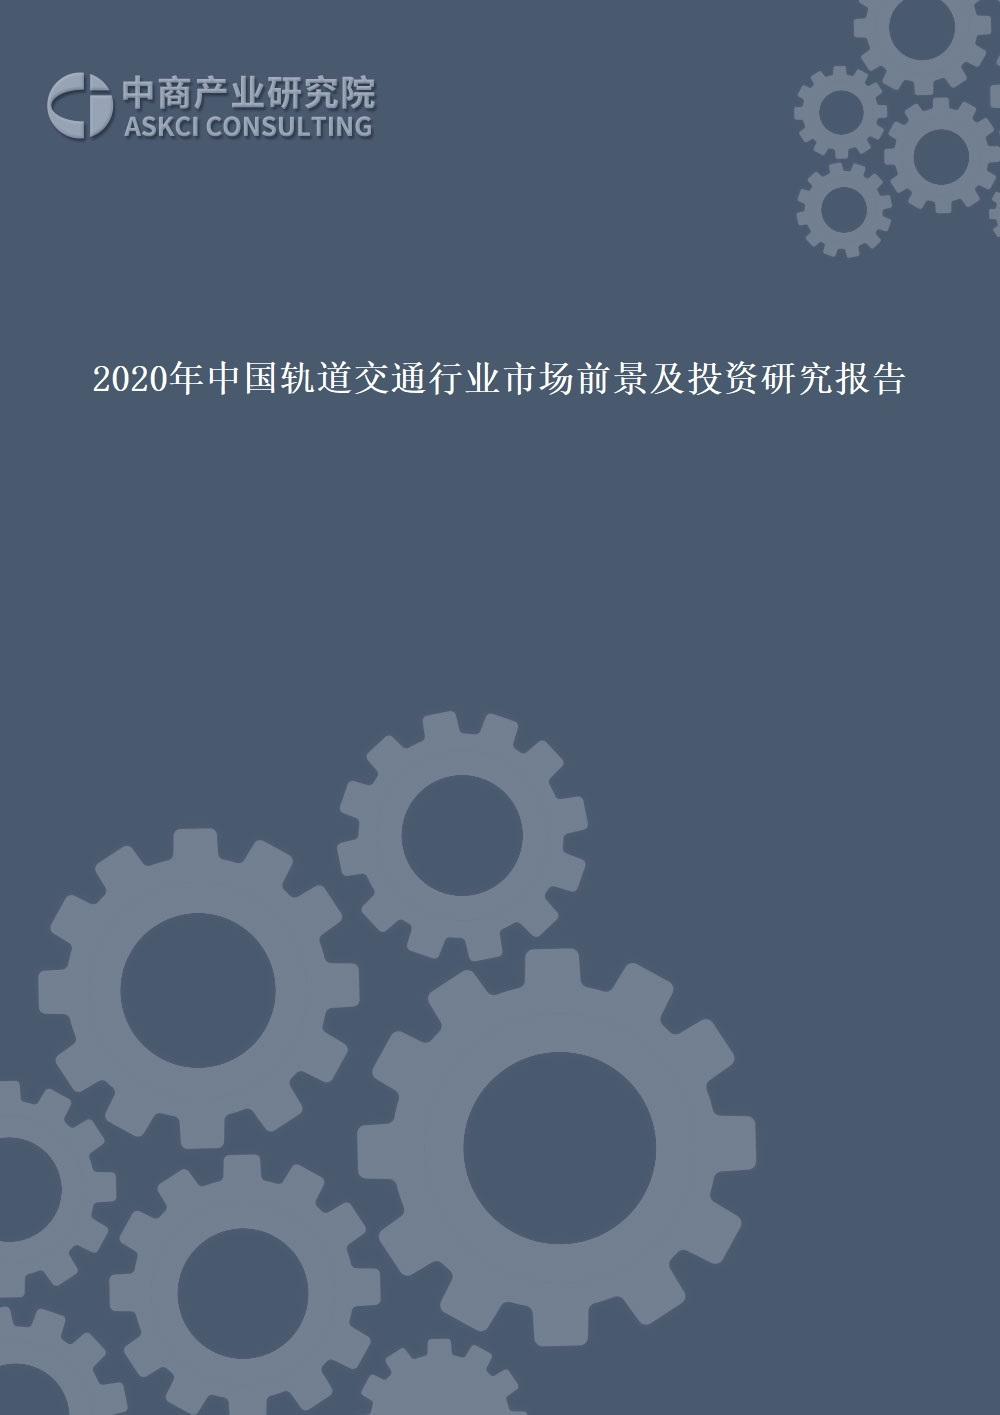 2020年中国轨道交通行业市场前景及投资研究报告